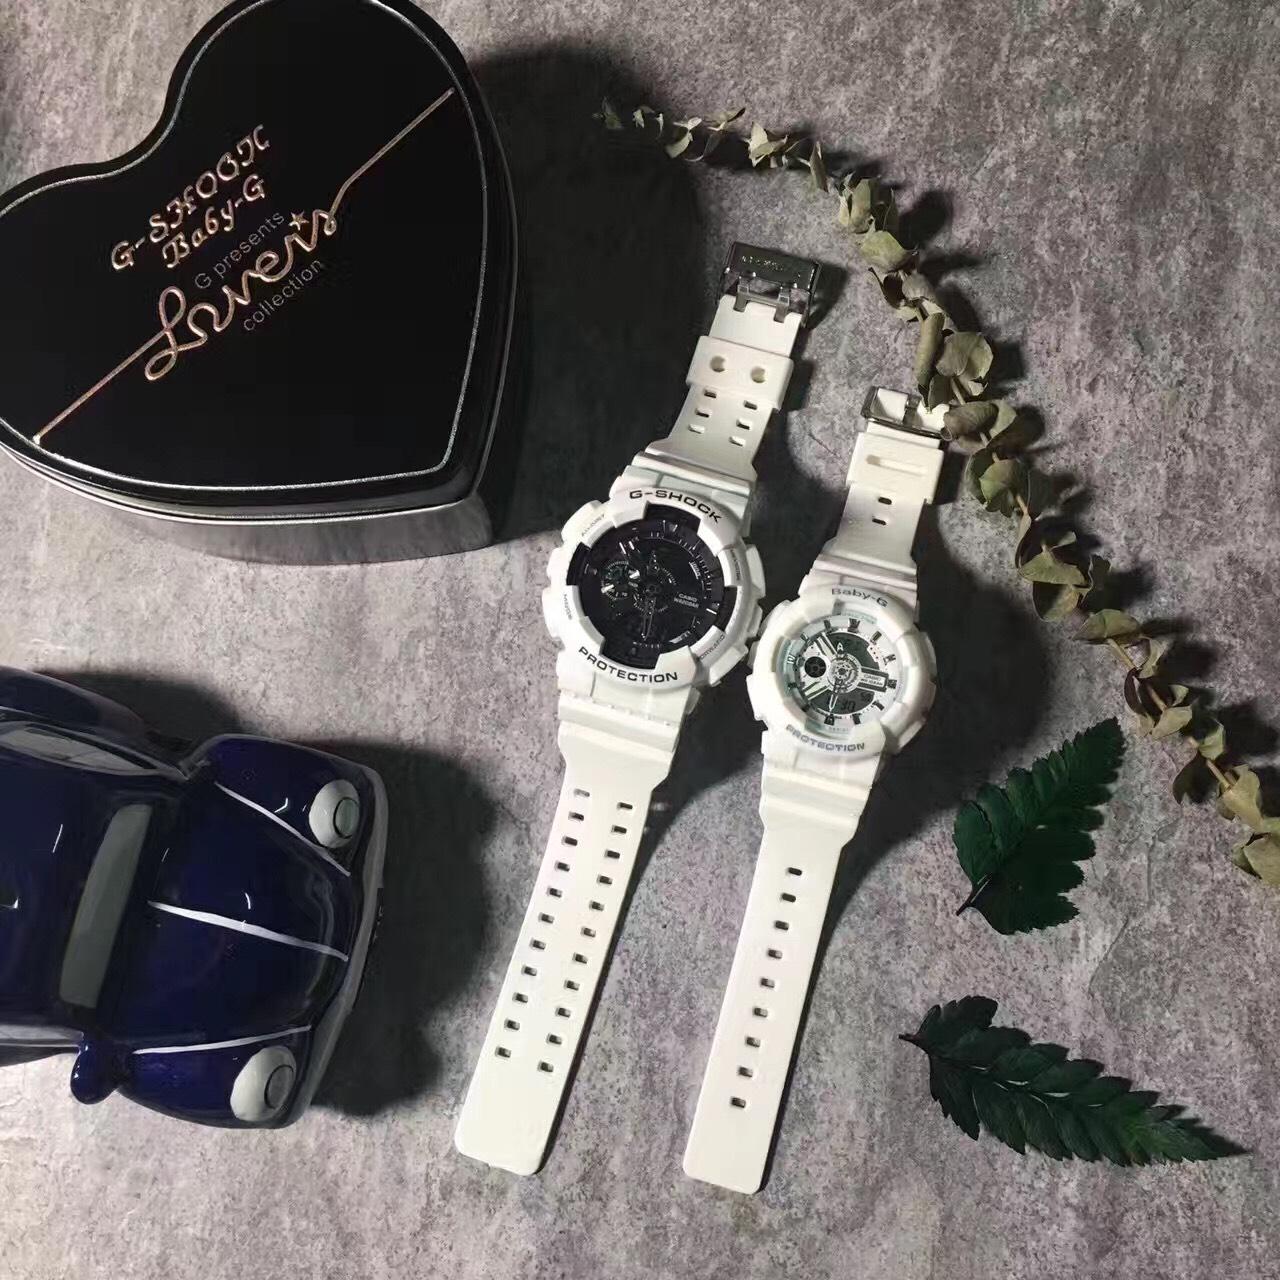 國外代購CASIO G-SHOCK GA-110 & BABY-G BA-110 情侶對錶 雙顯 防水 手錶 腕錶